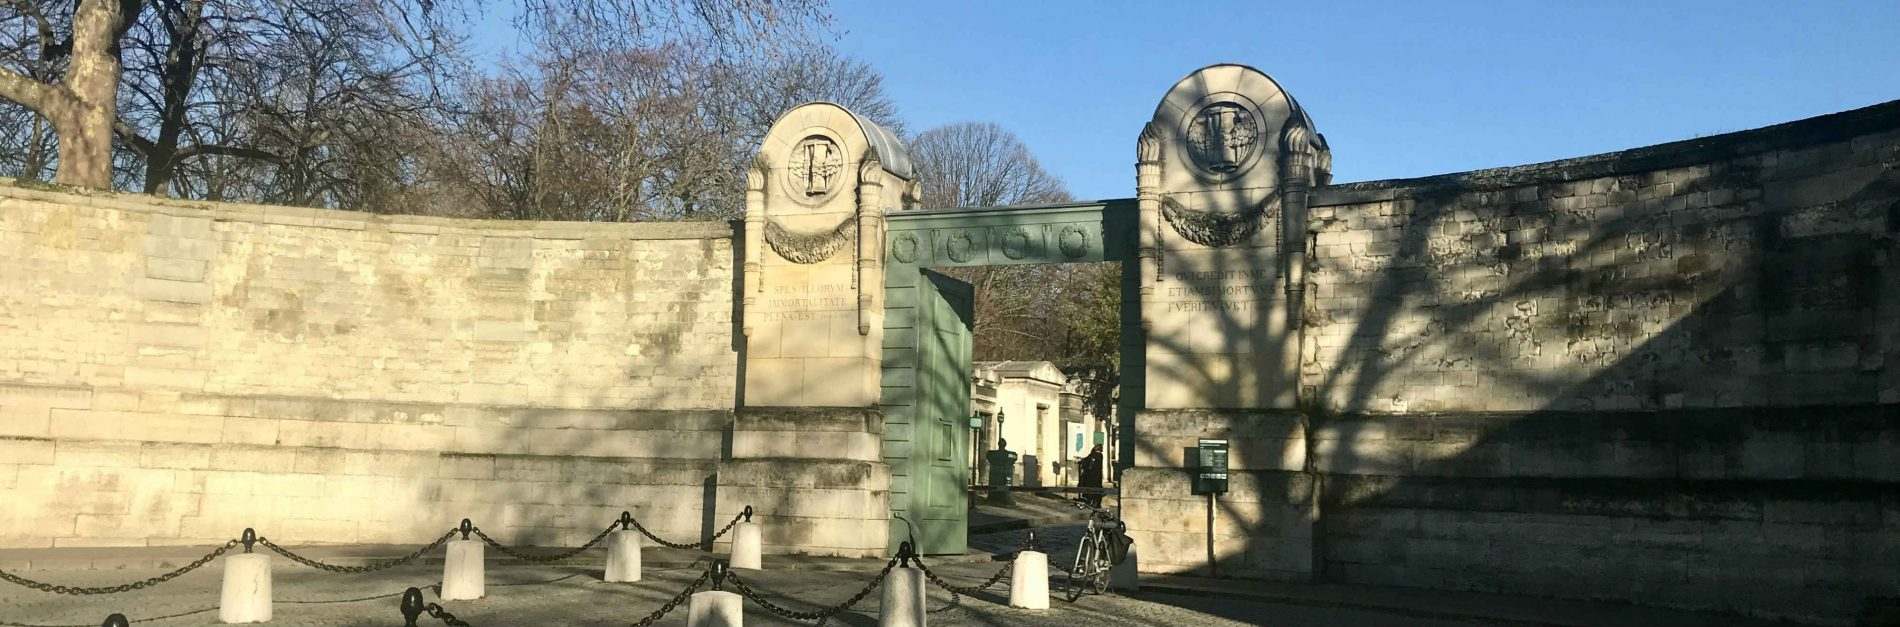 Entrada Principal. Cementerio père-lachaise